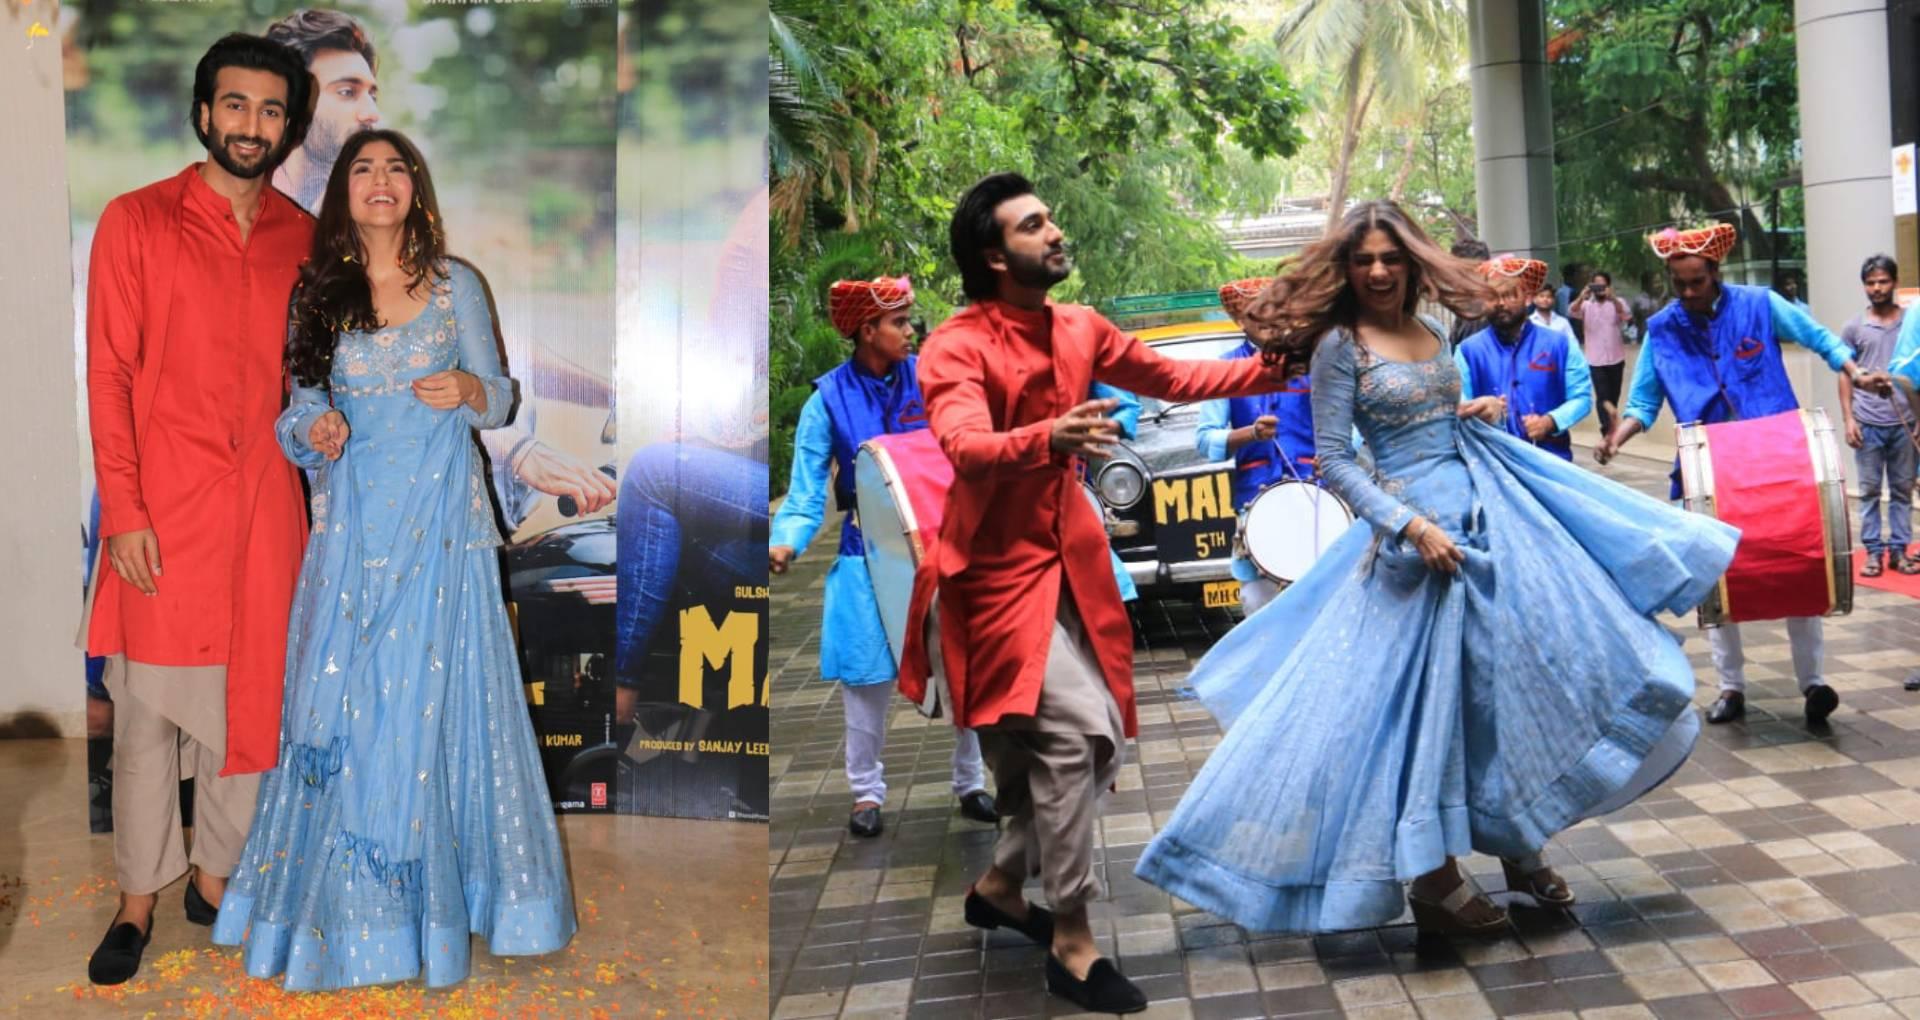 शरमिन सहगल और मीजान जाफरी ने लॉन्च किया मलाल का दूसरा सॉन्ग, तस्वीरों में देखिए फिल्म के कास्ट की मस्ती